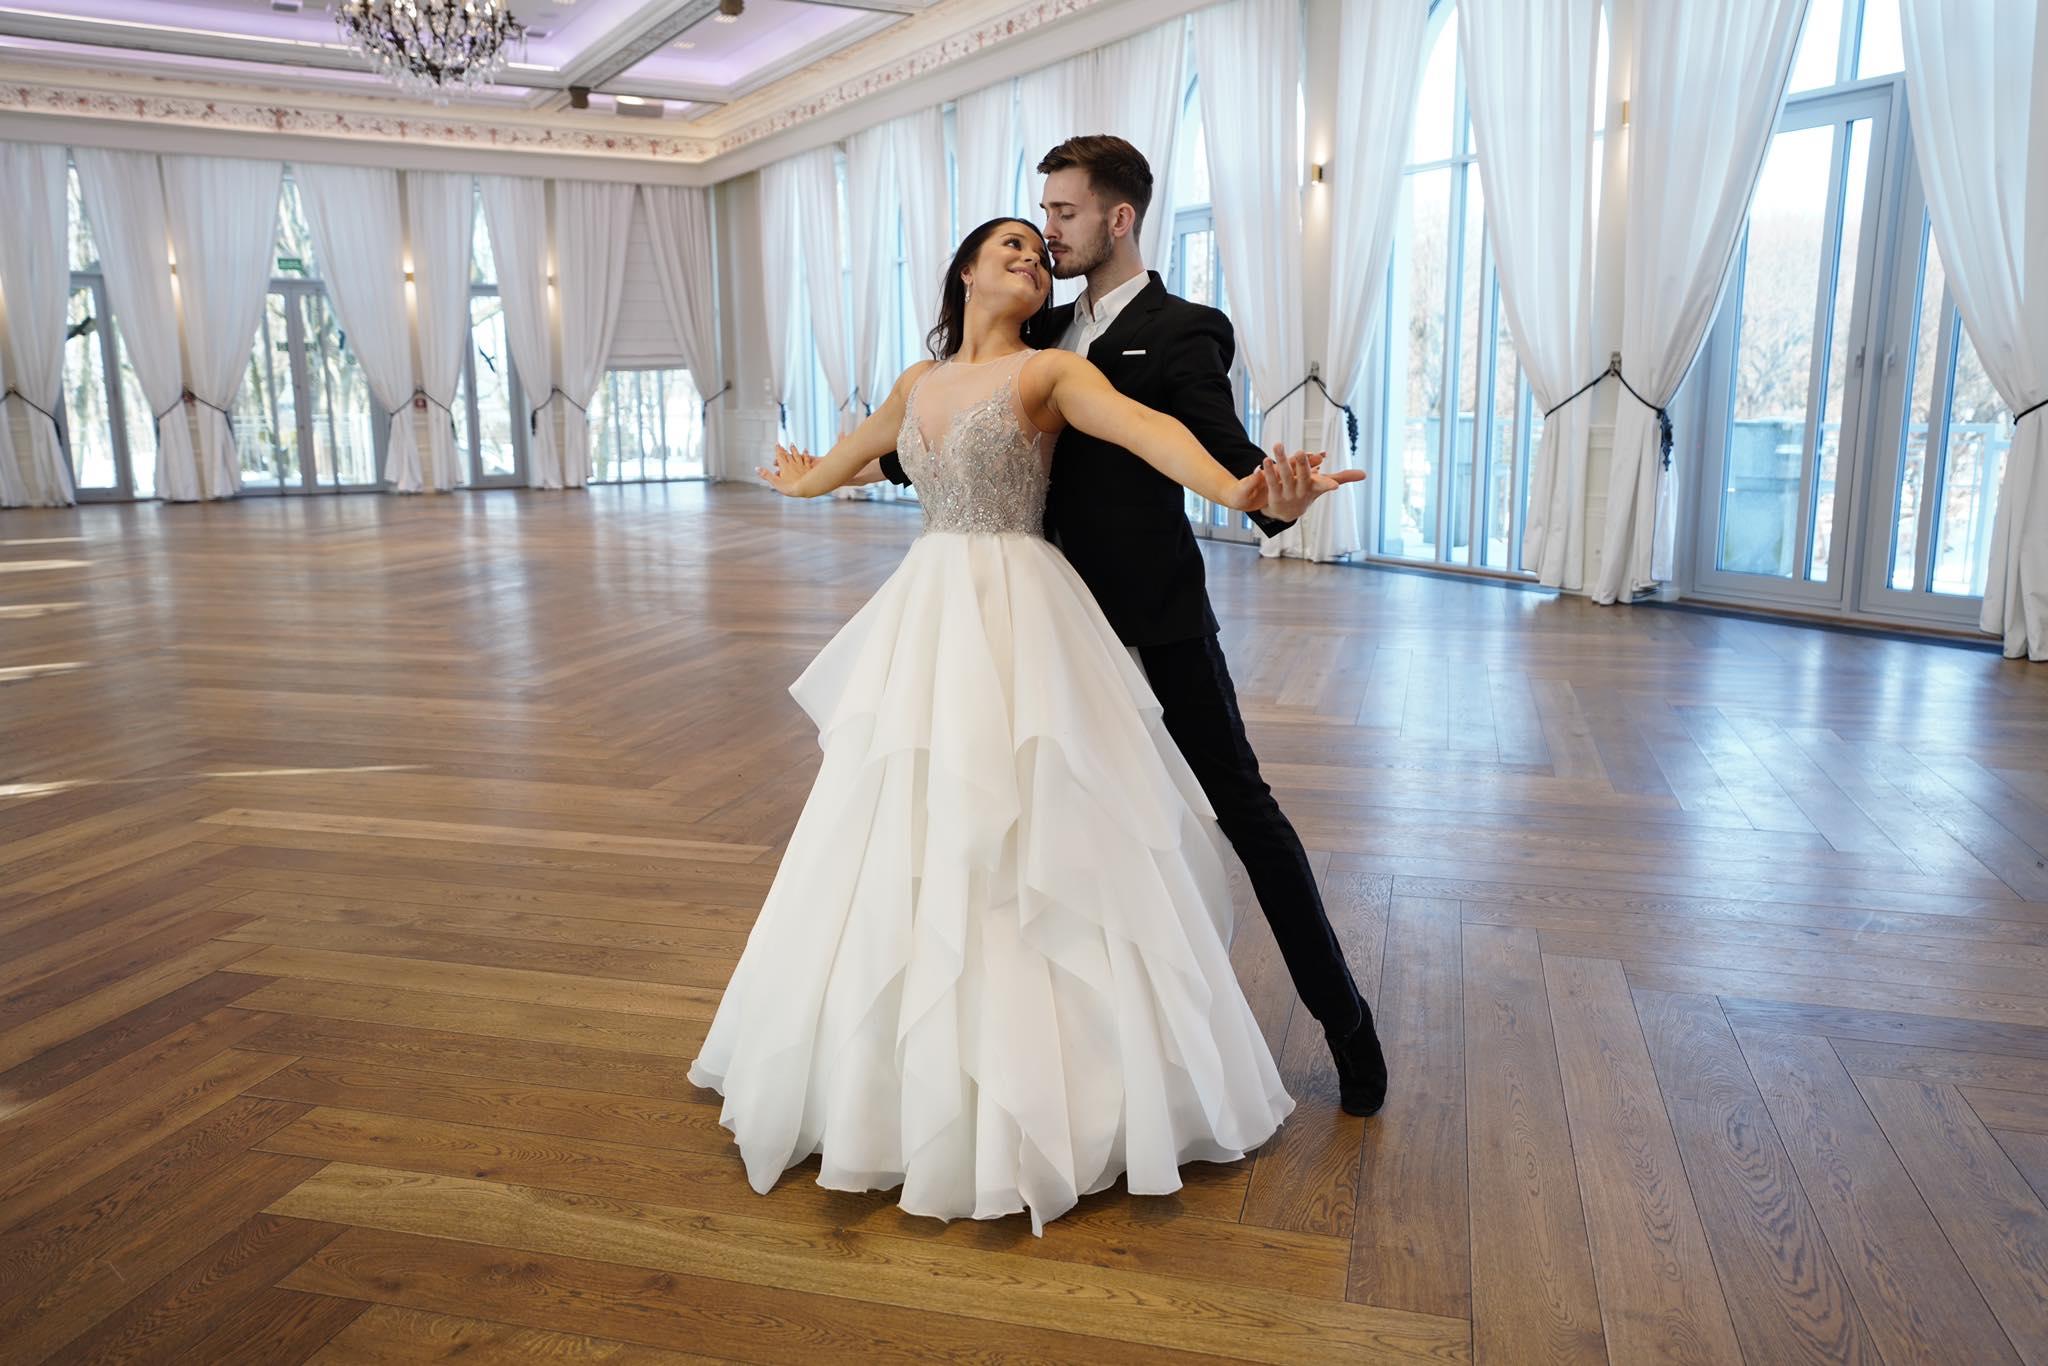 Poradnik Ślubny - Pierwszy Taniec w Sukni Ślubnej - Suknia ślubna na pierwszy taniec